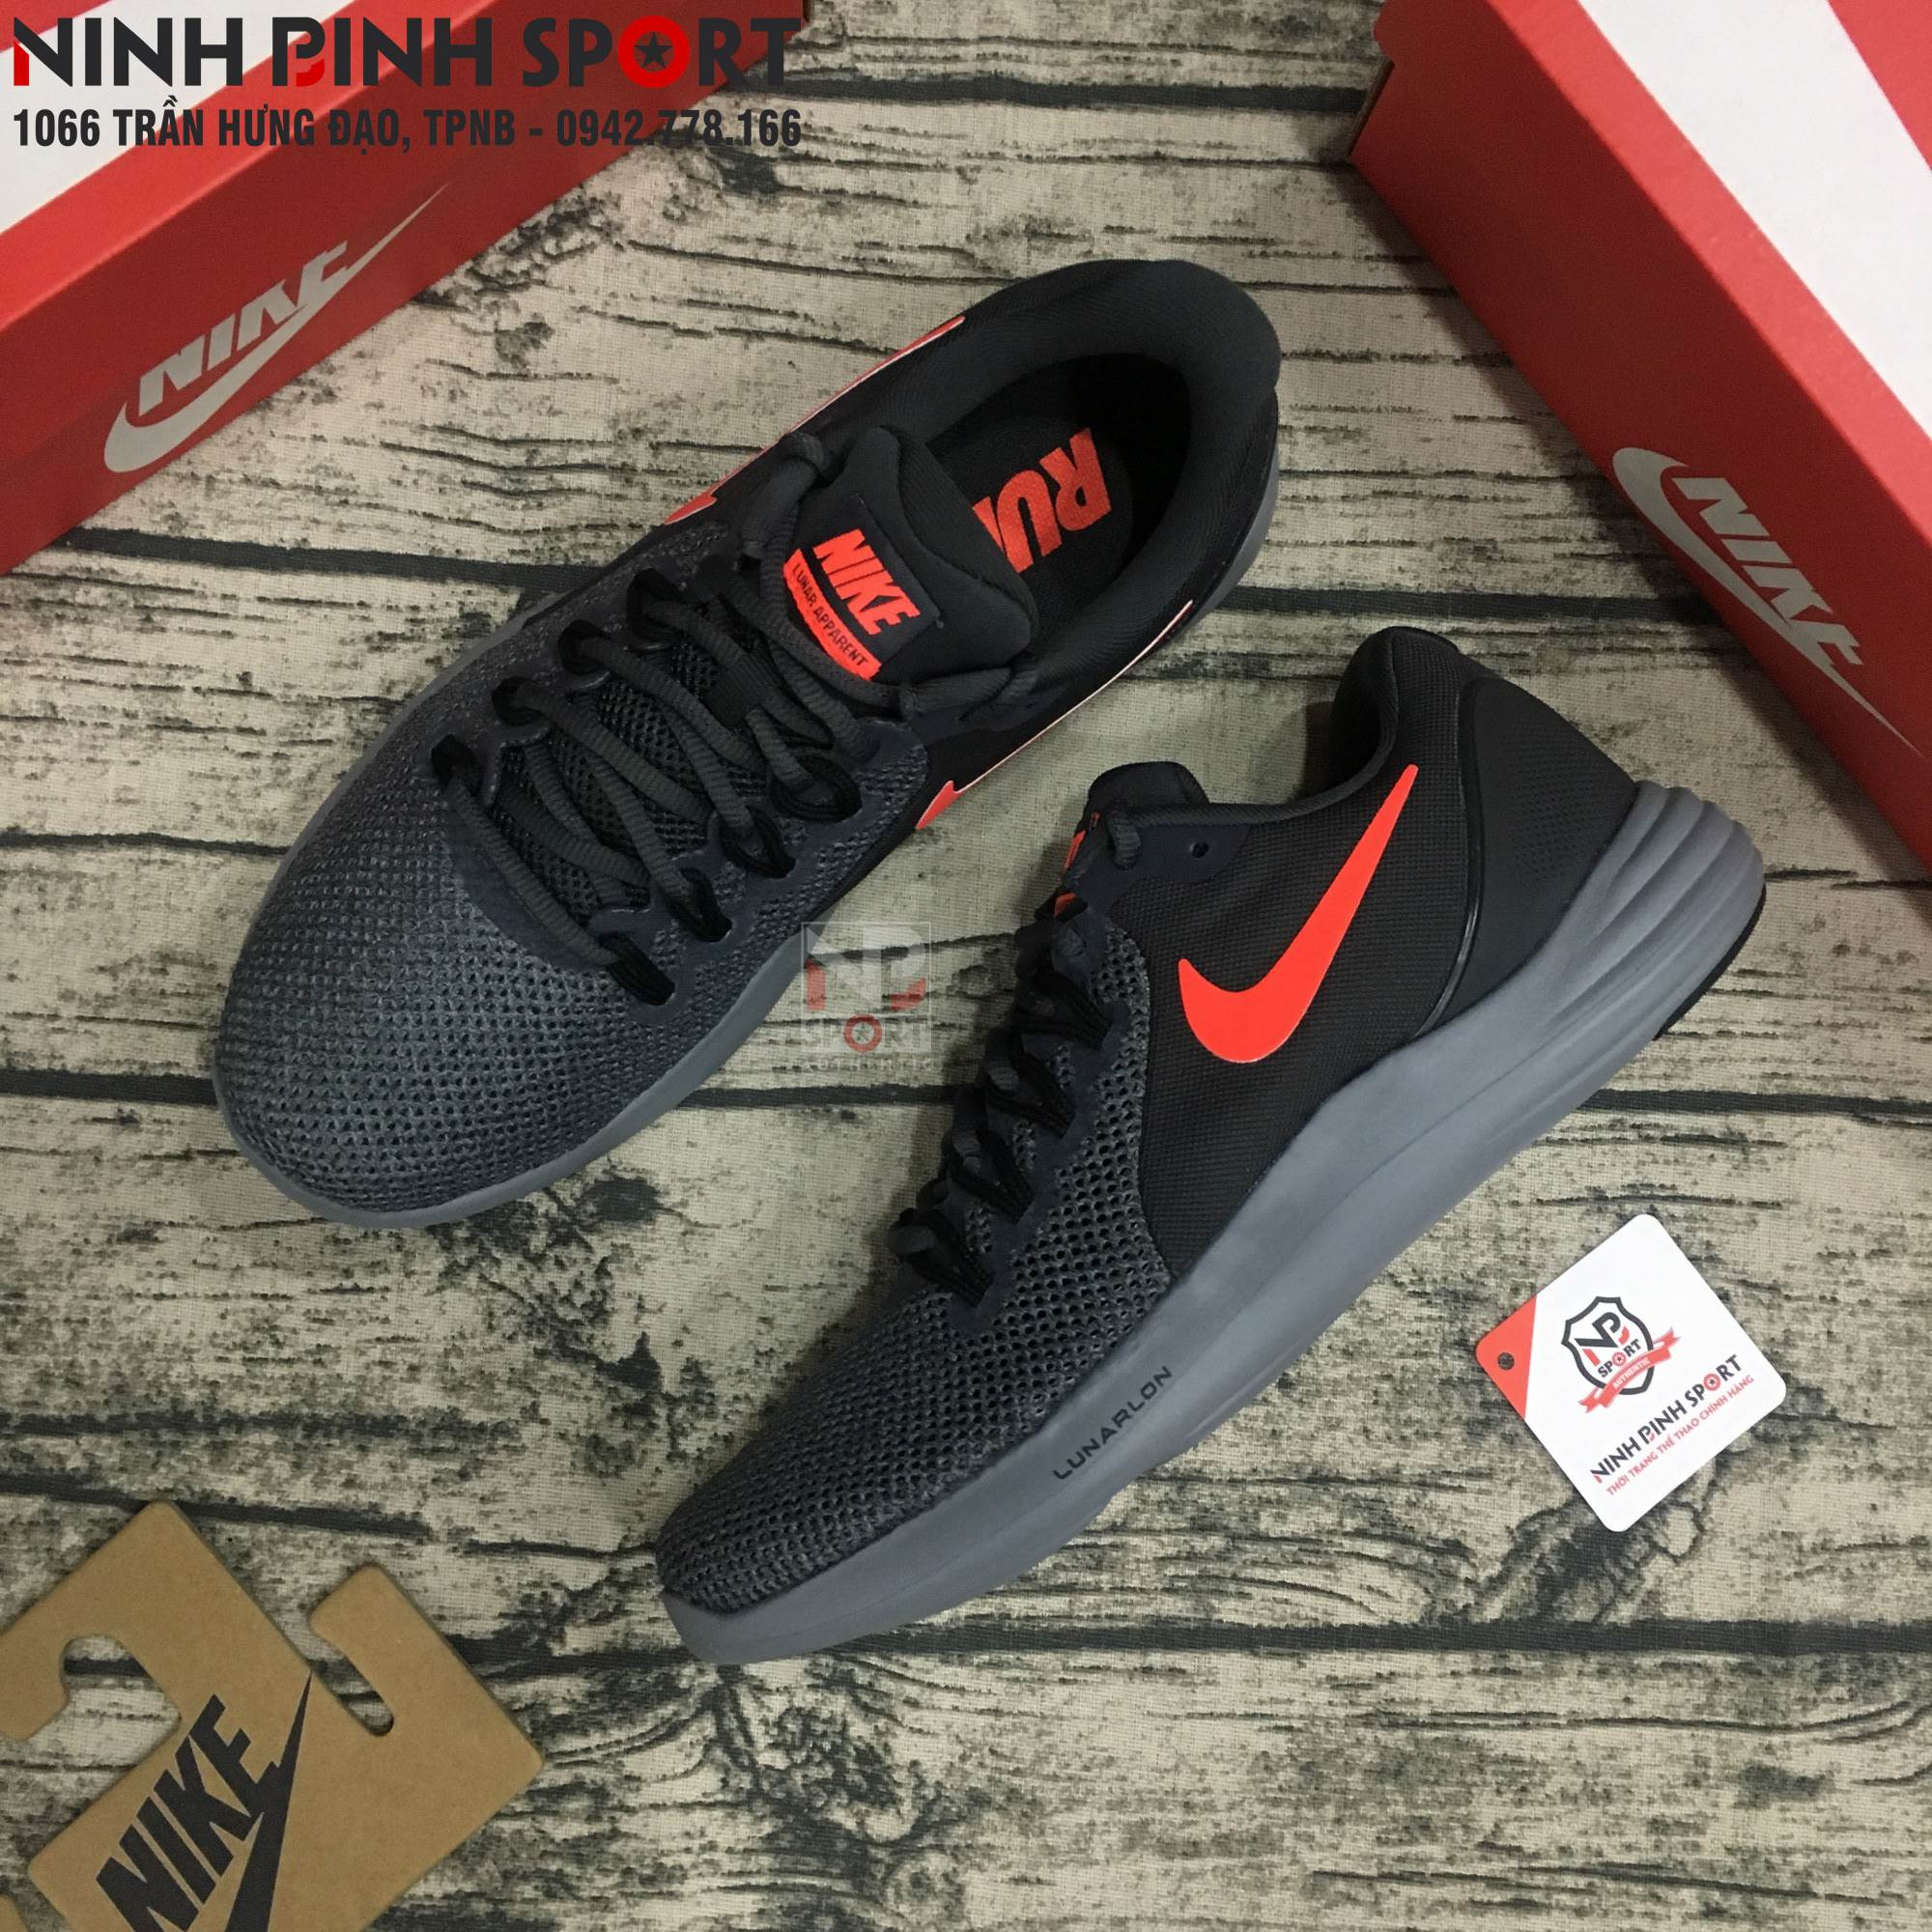 Giày thể thao nam Nike Lunar Apparent 908987-006